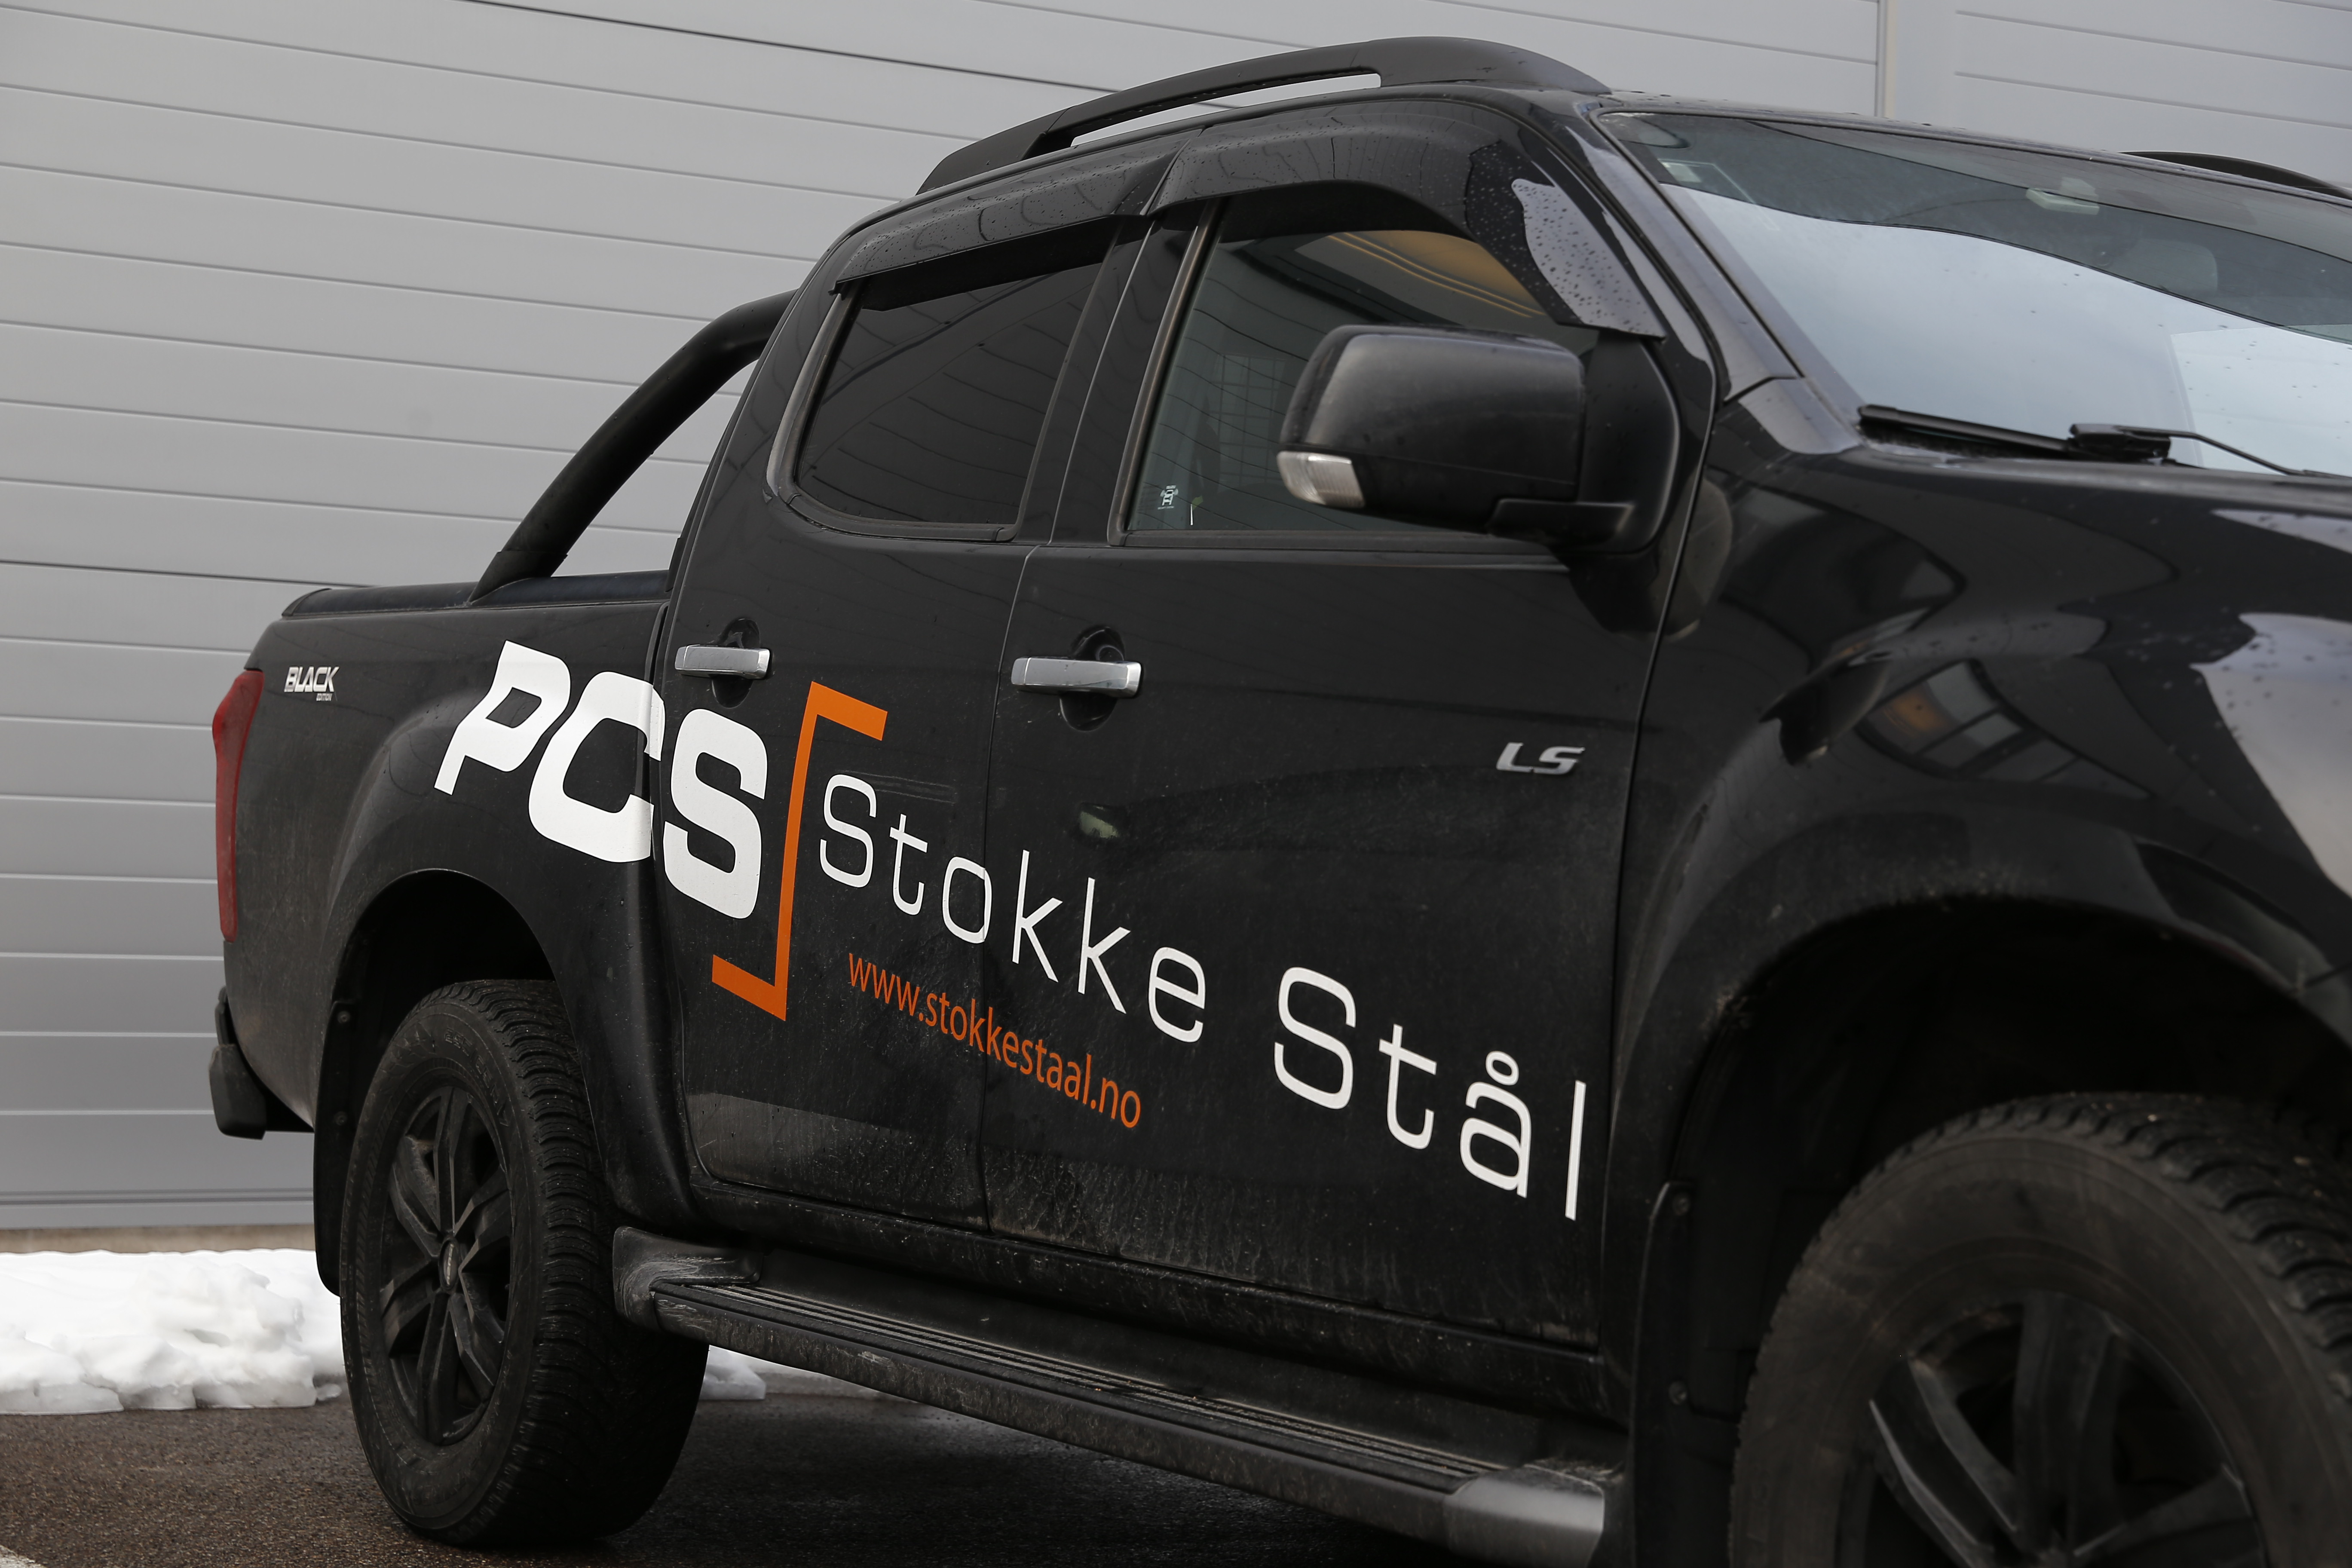 PCS Stokke Stål søker montasjeformenn!